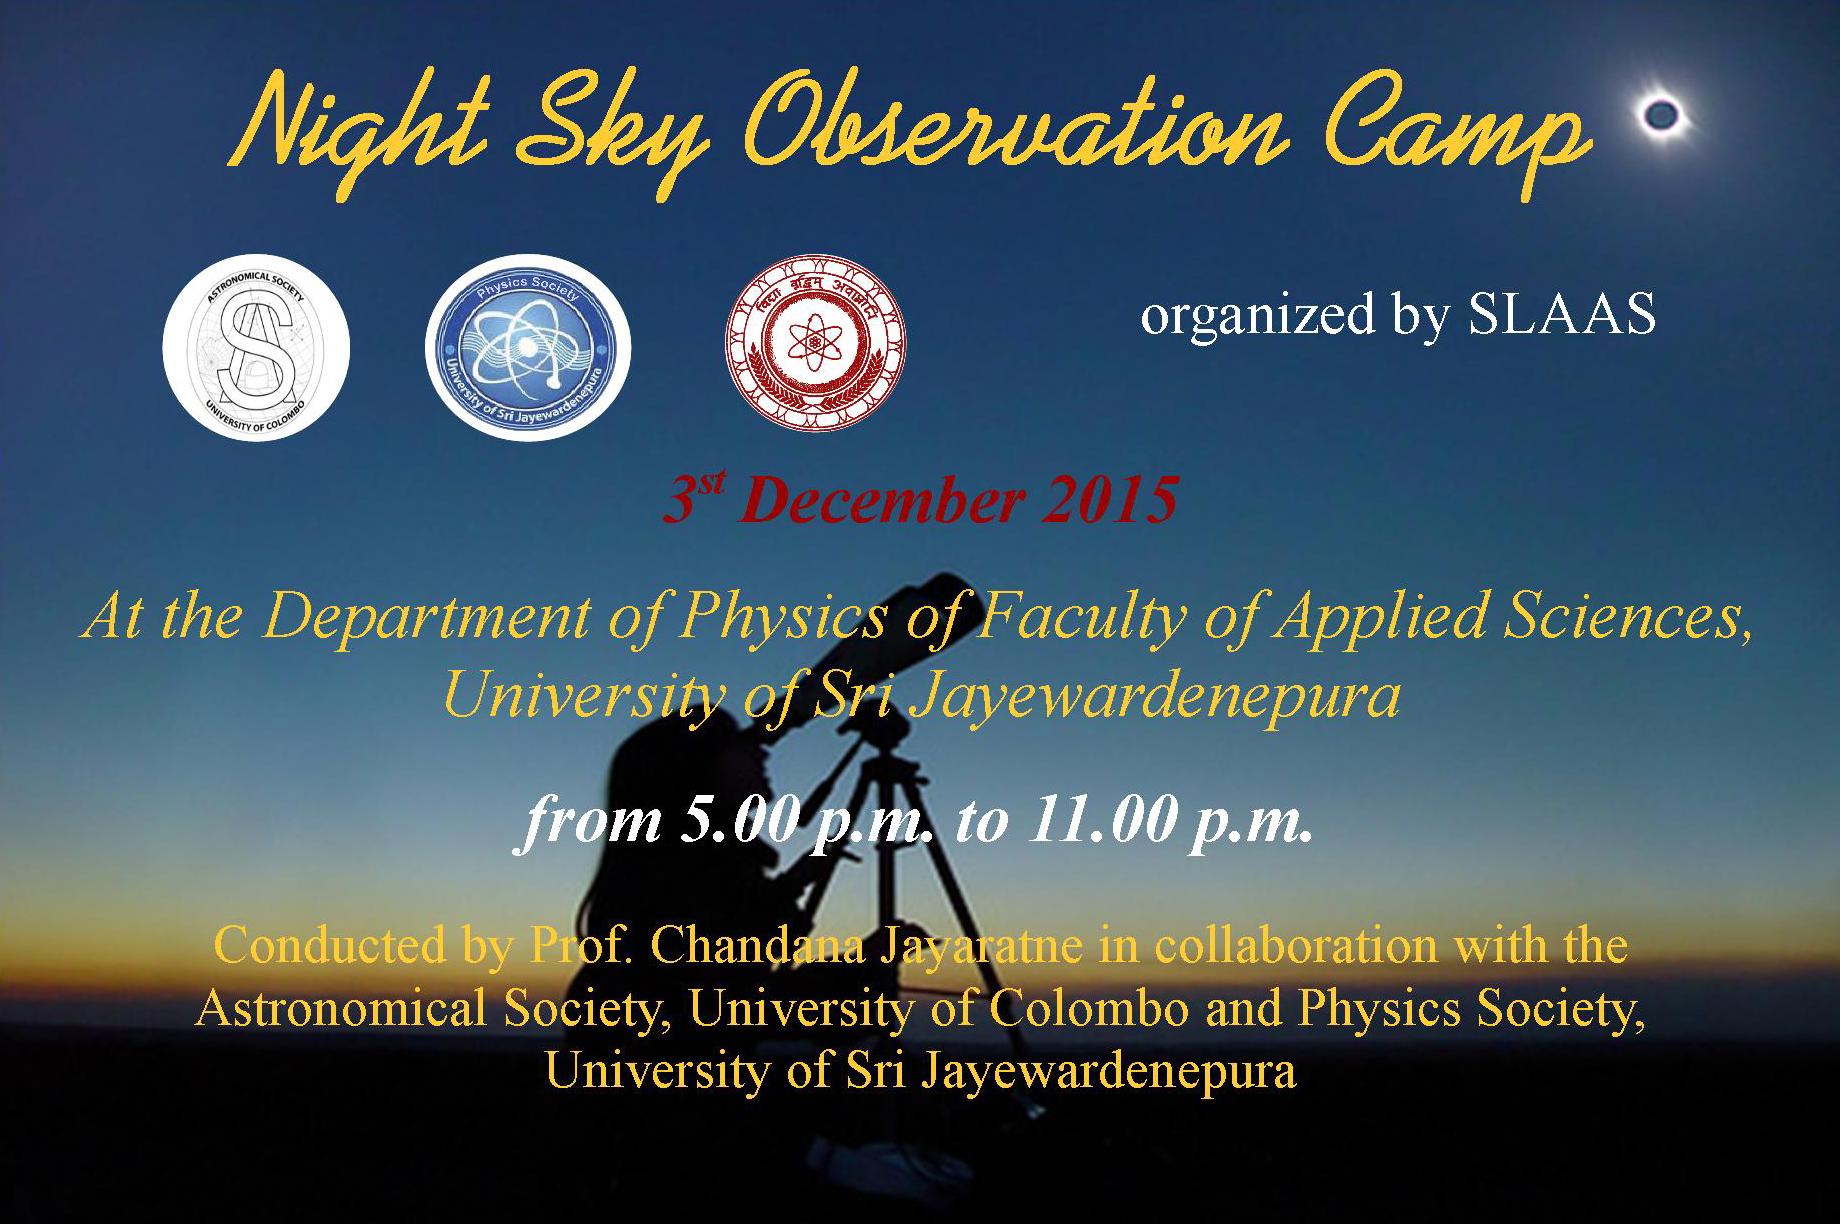 Sky Observation 1